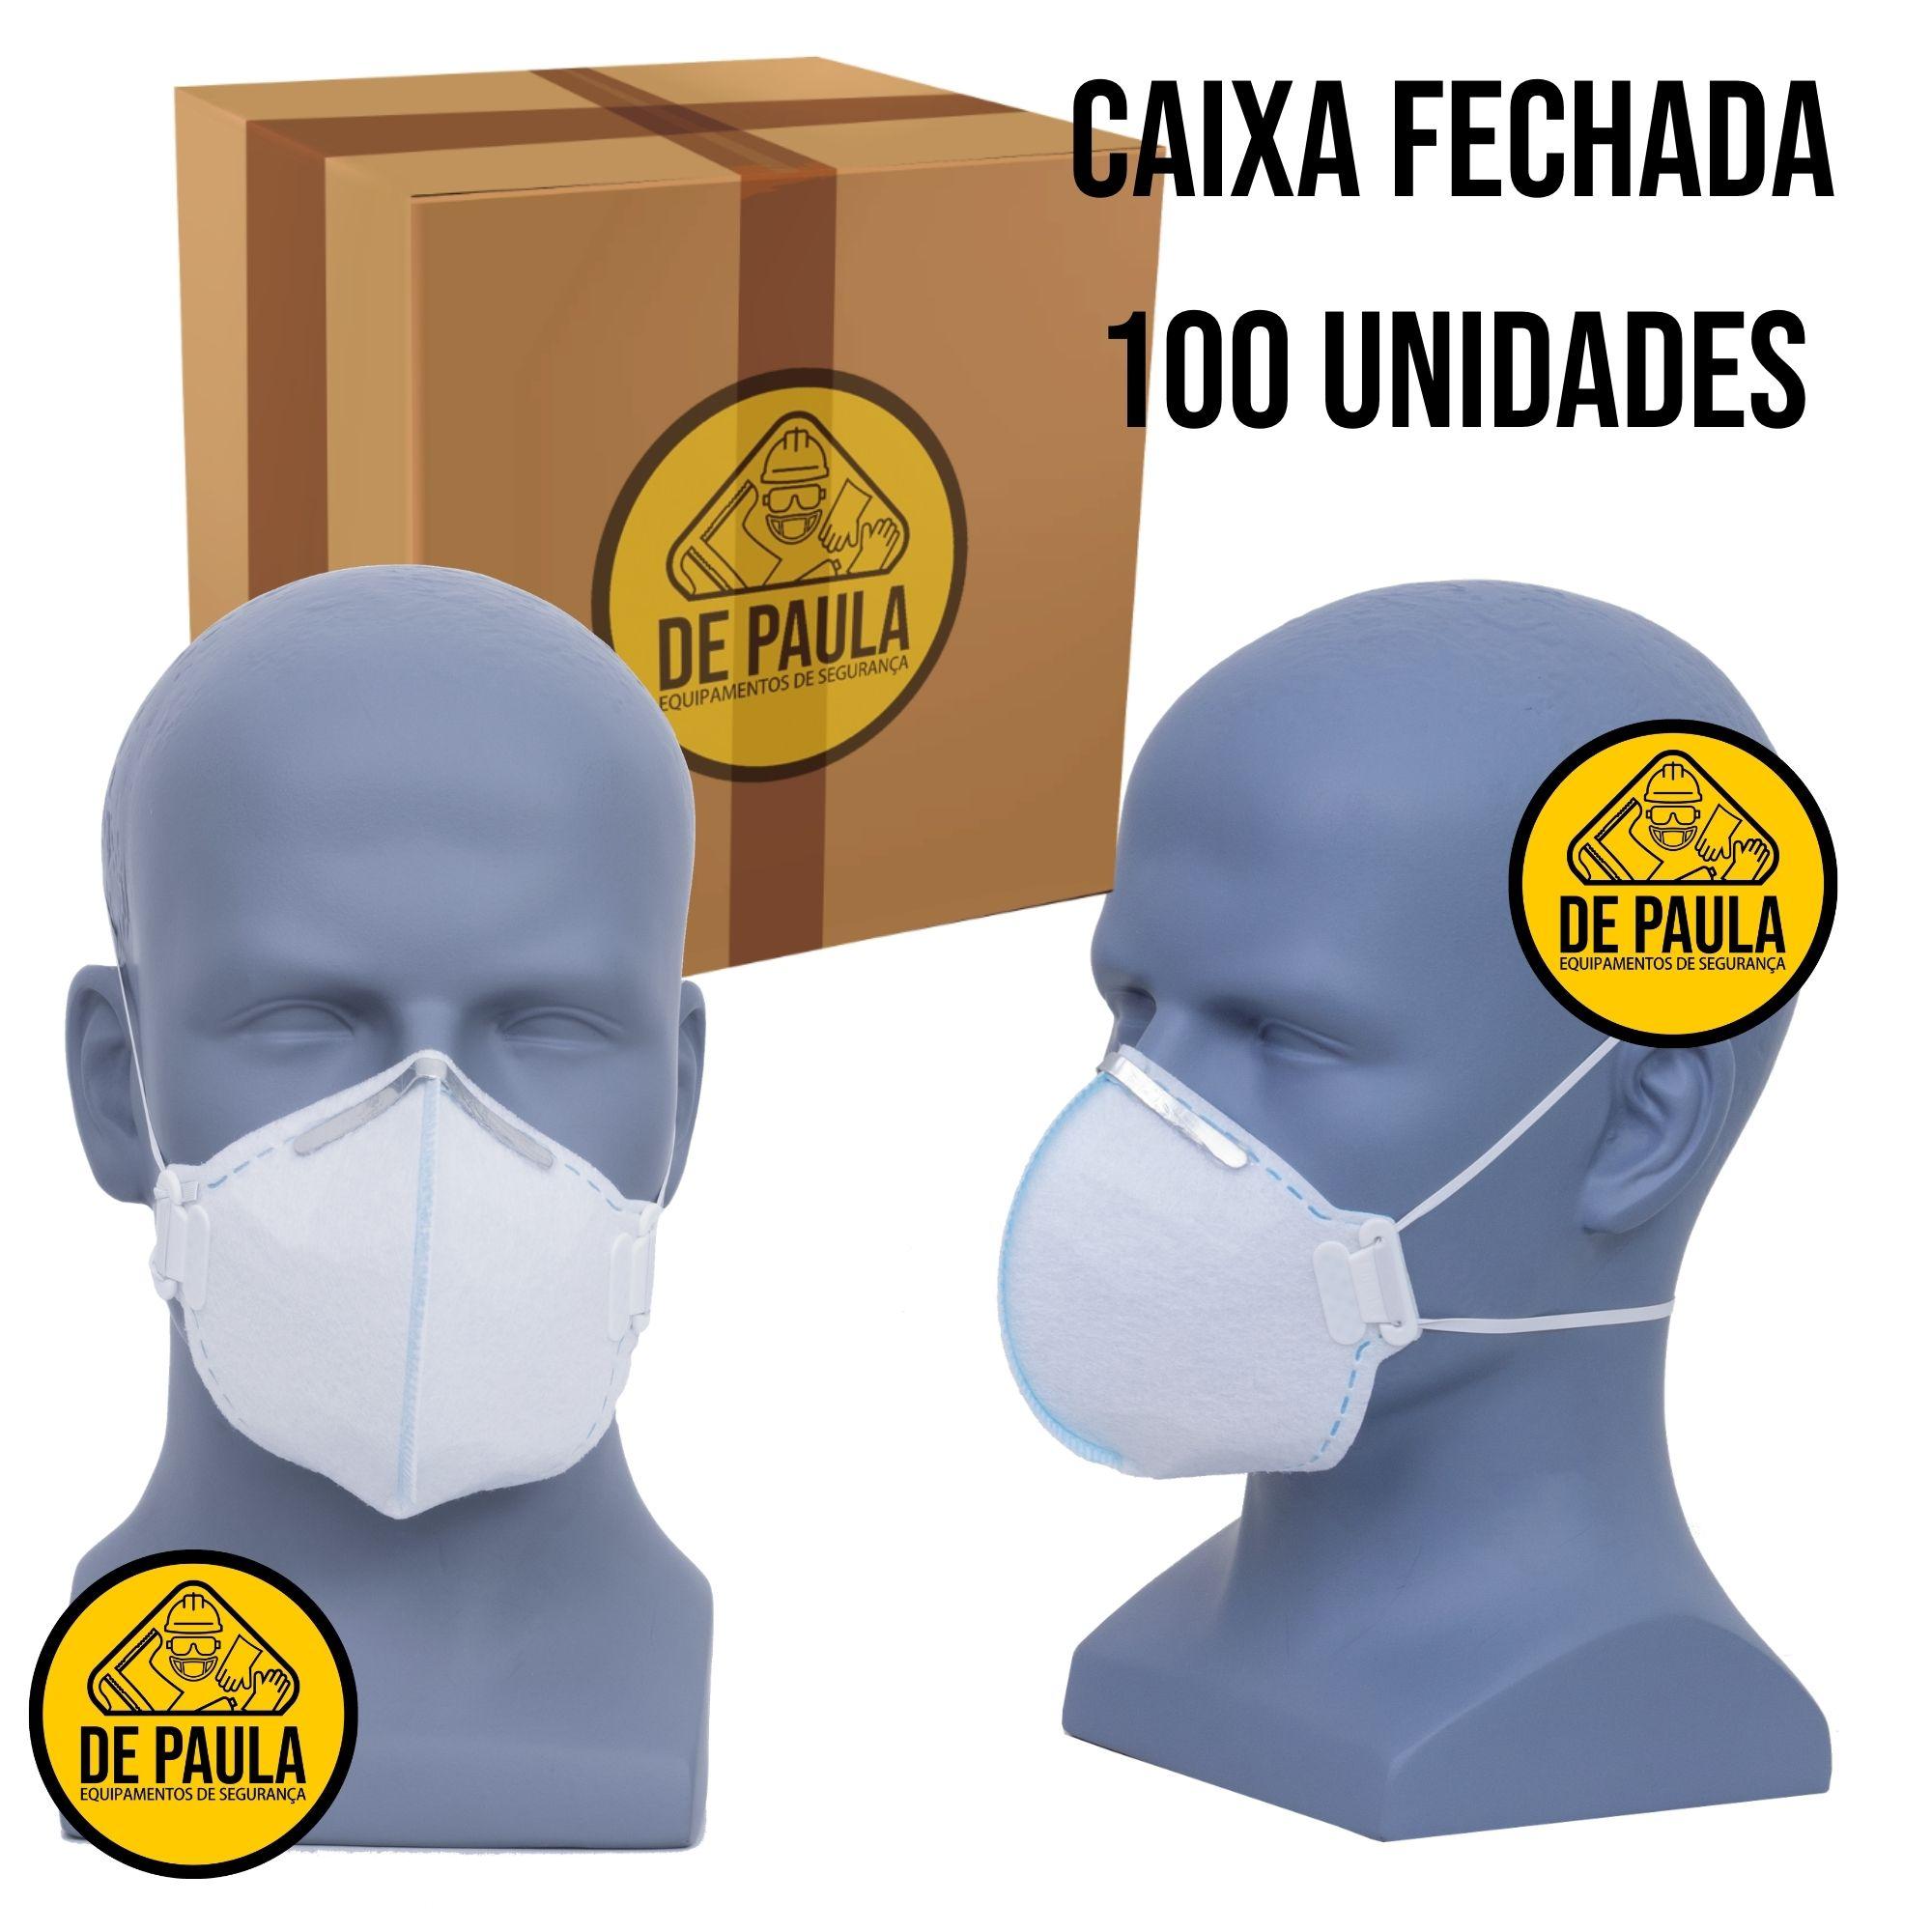 CAIXA COM 100 UN MÁSCARA DESCARTÁVEL PFF1 S/ VÁLVULA LUBEKA BRANCO  - DE PAULA EPI